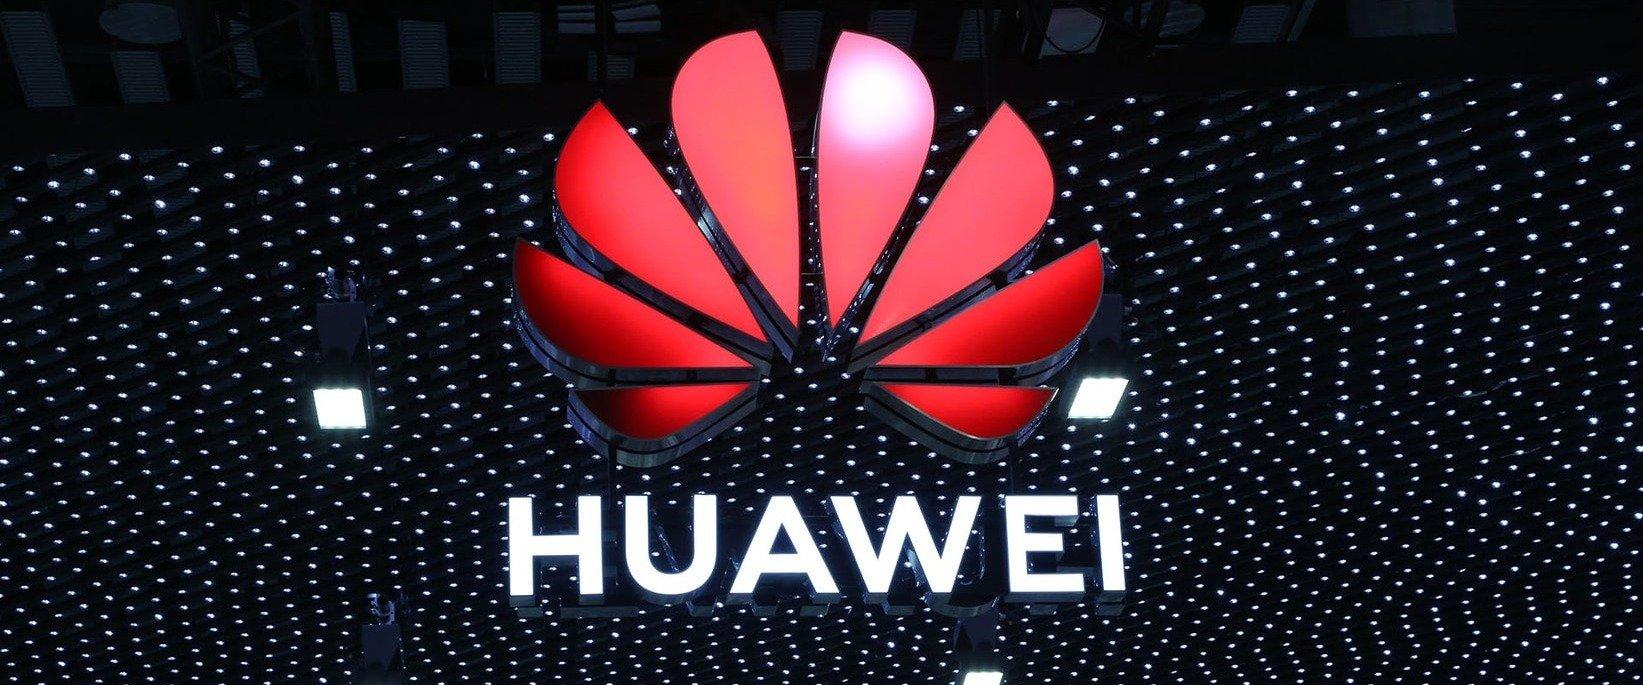 Huawei: cała branża musi postawić na rozwój ekologicznych sieci 5G